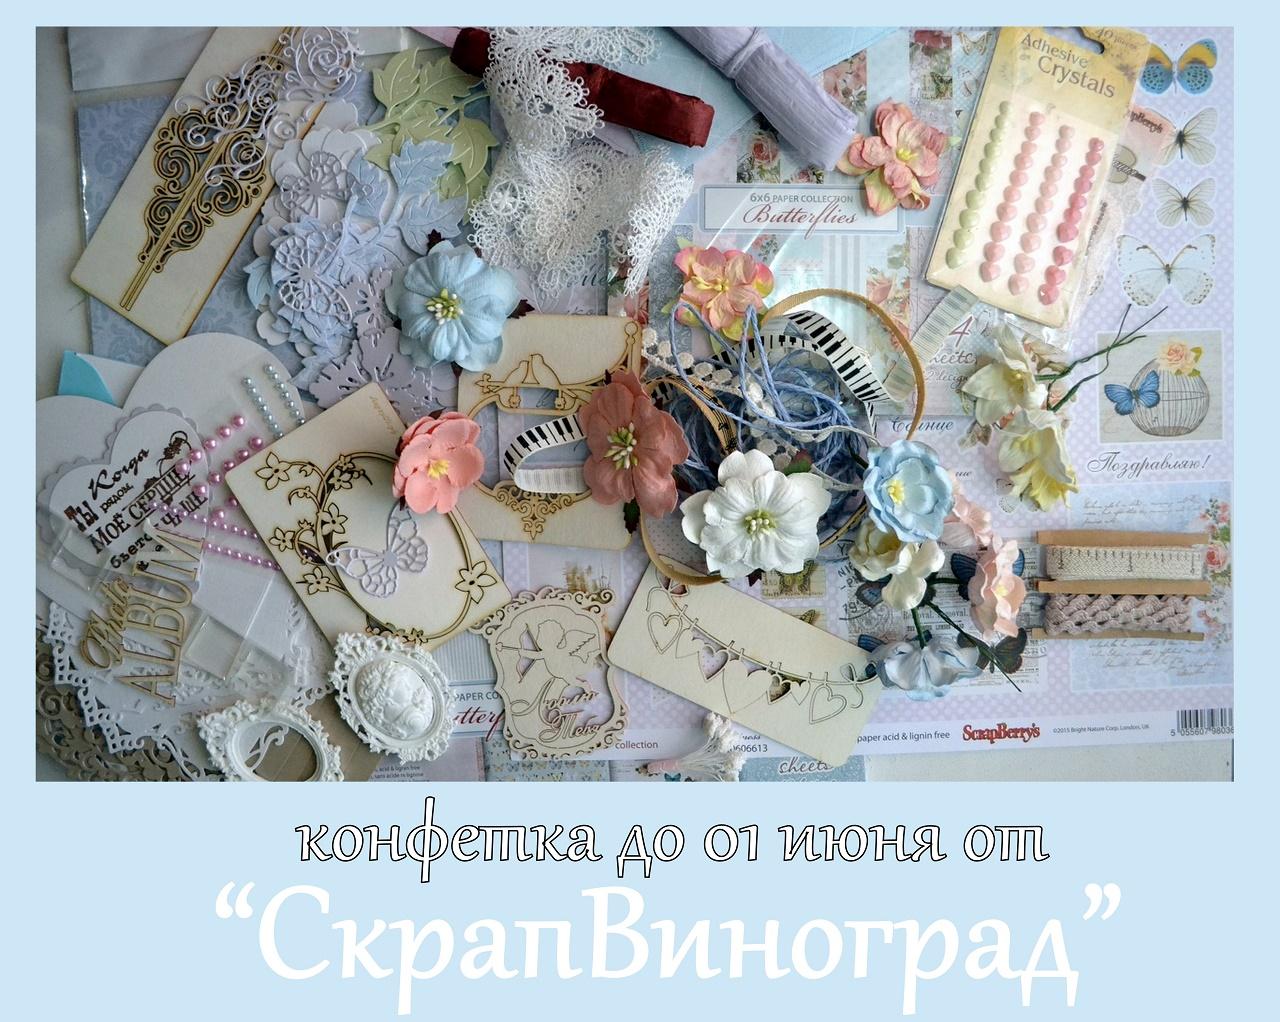 Скрап угощение от Елены Виноградовой